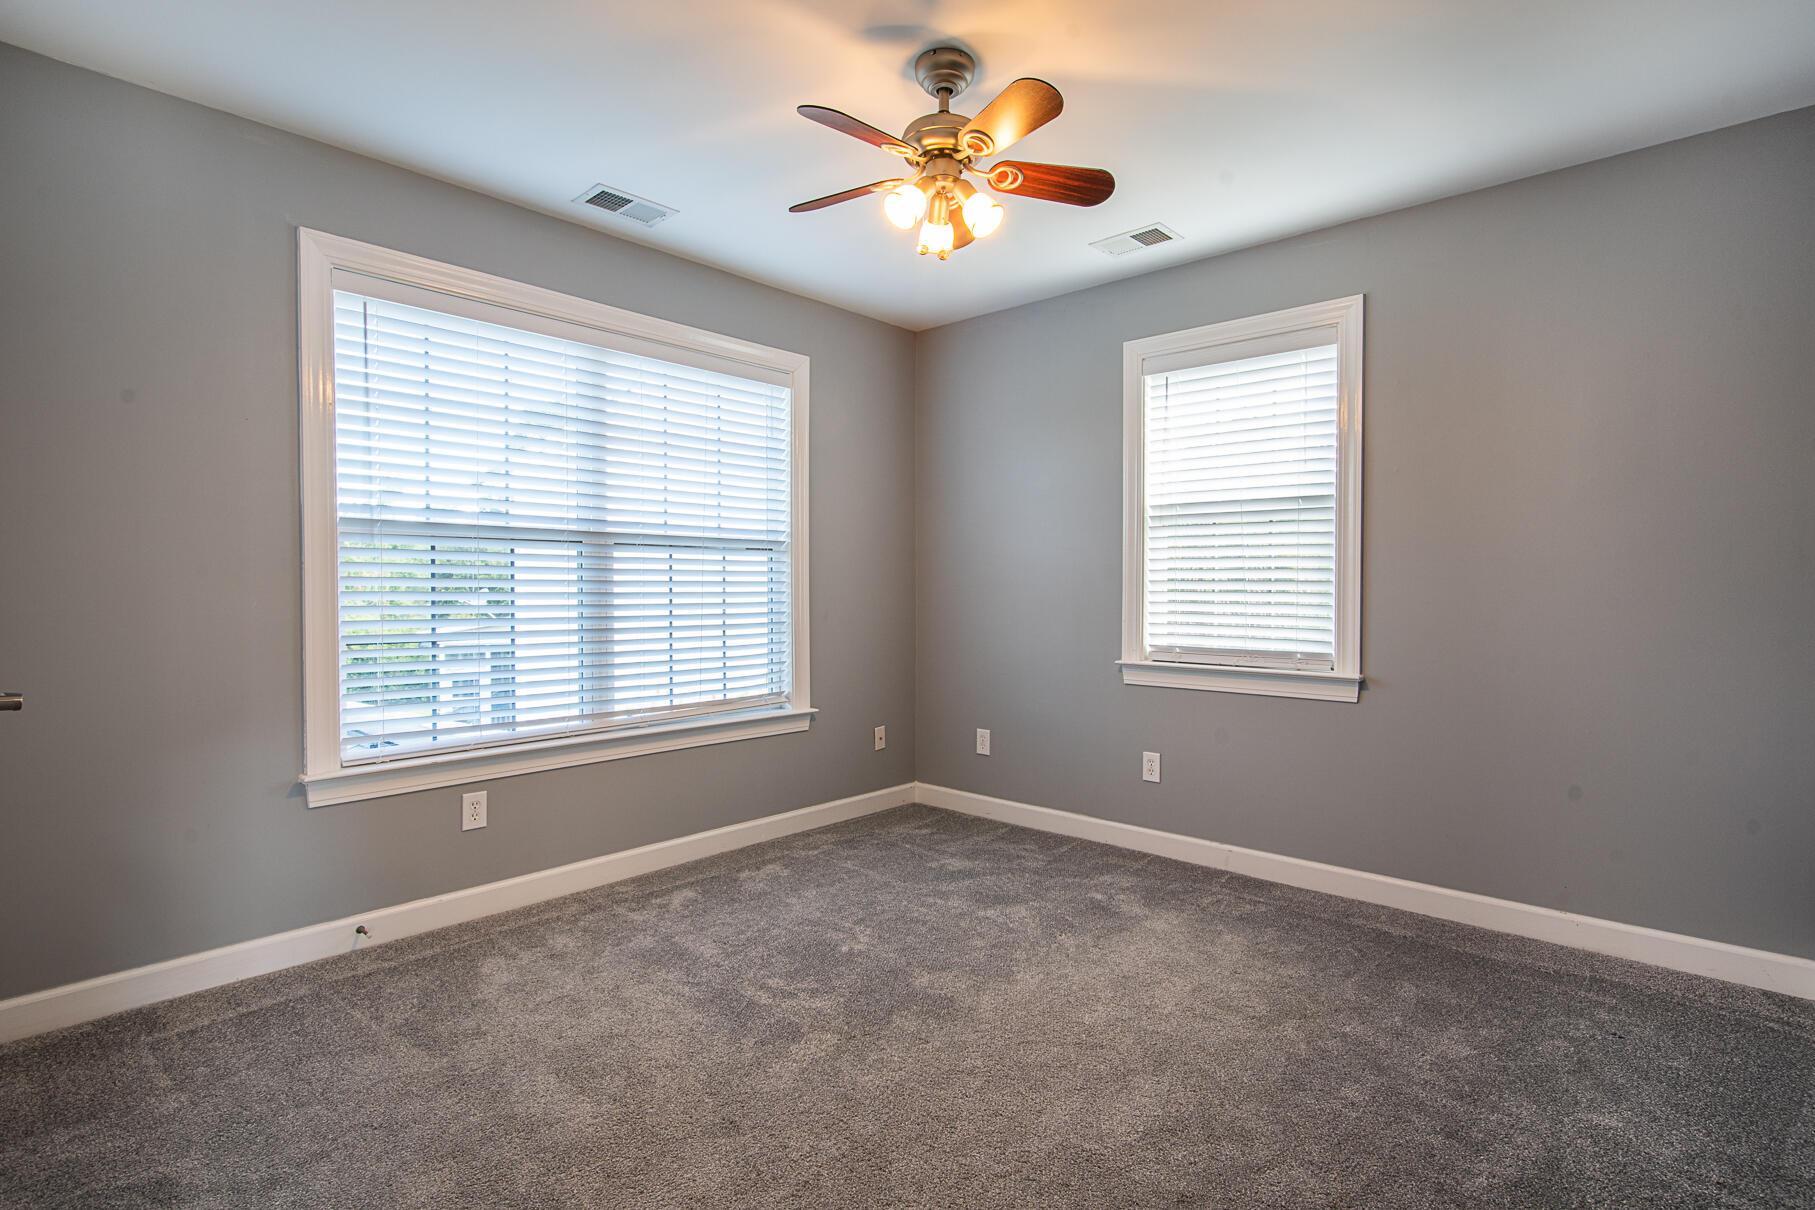 Dunes West Homes For Sale - 3059 Riverwood, Mount Pleasant, SC - 14